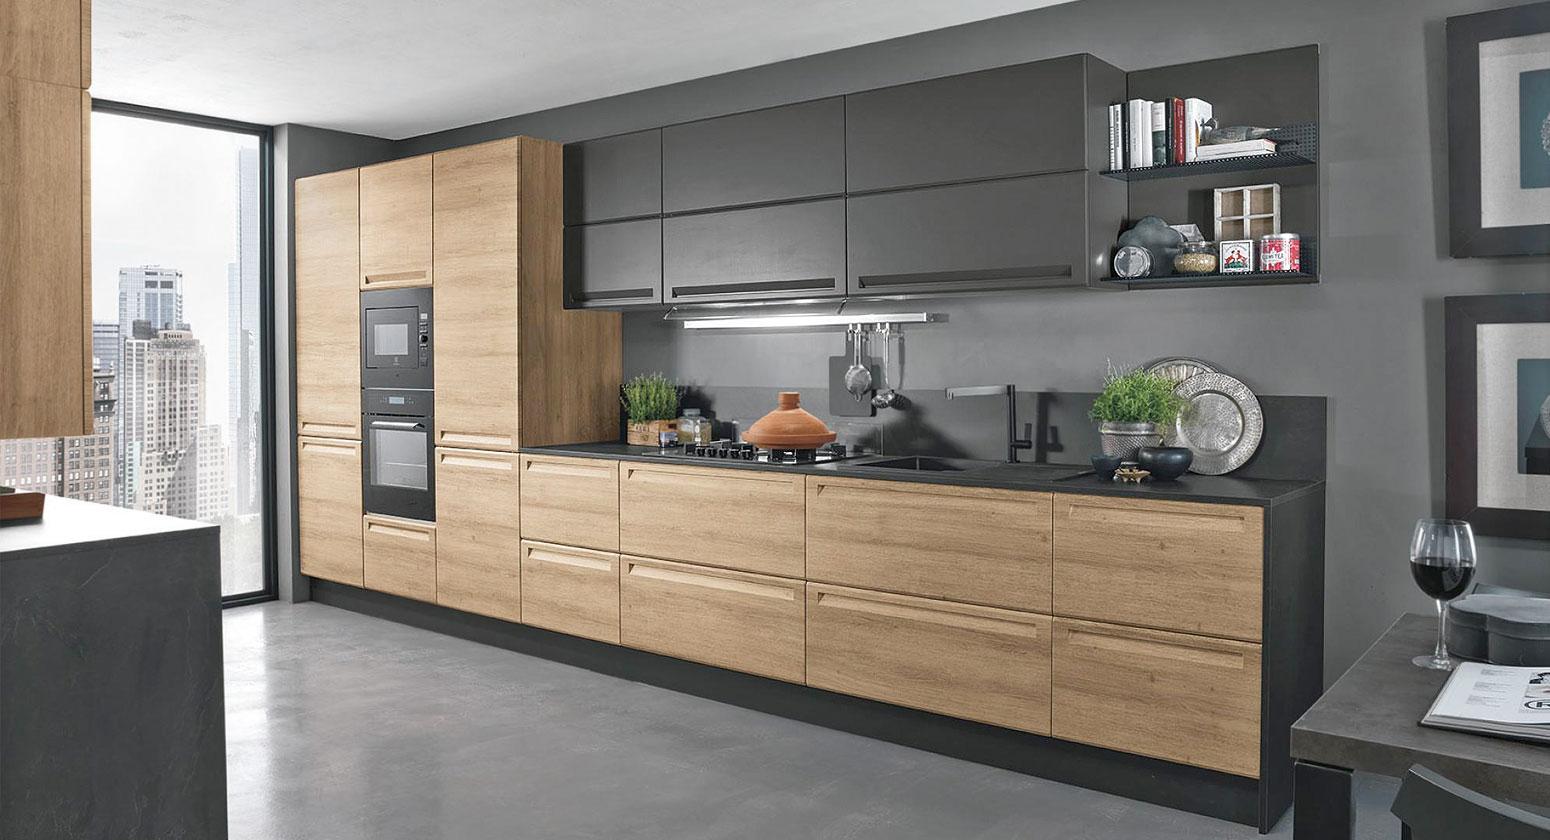 Cucine moderne cucina isla legno for Cucine moderne scure